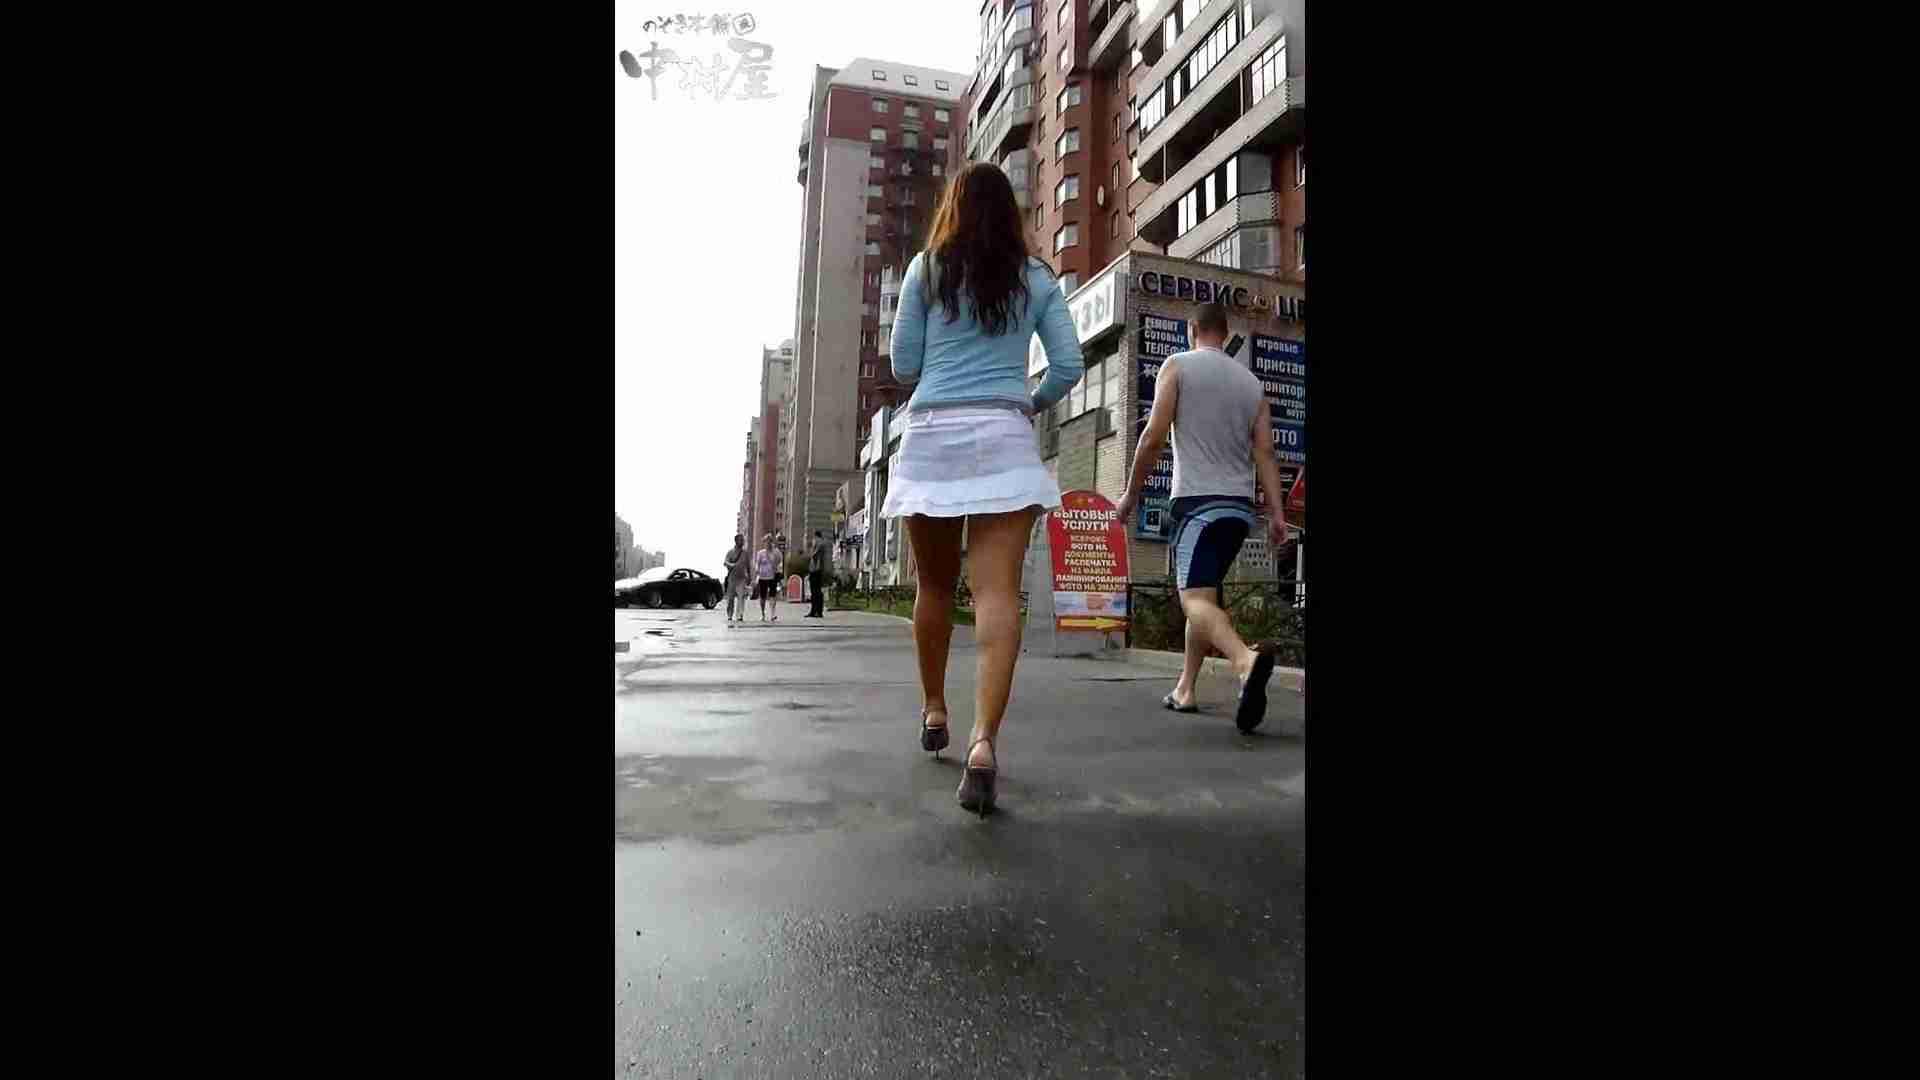 綺麗なモデルさんのスカート捲っちゃおう‼ vol21 お姉さんヌード | OLセックス  100画像 31